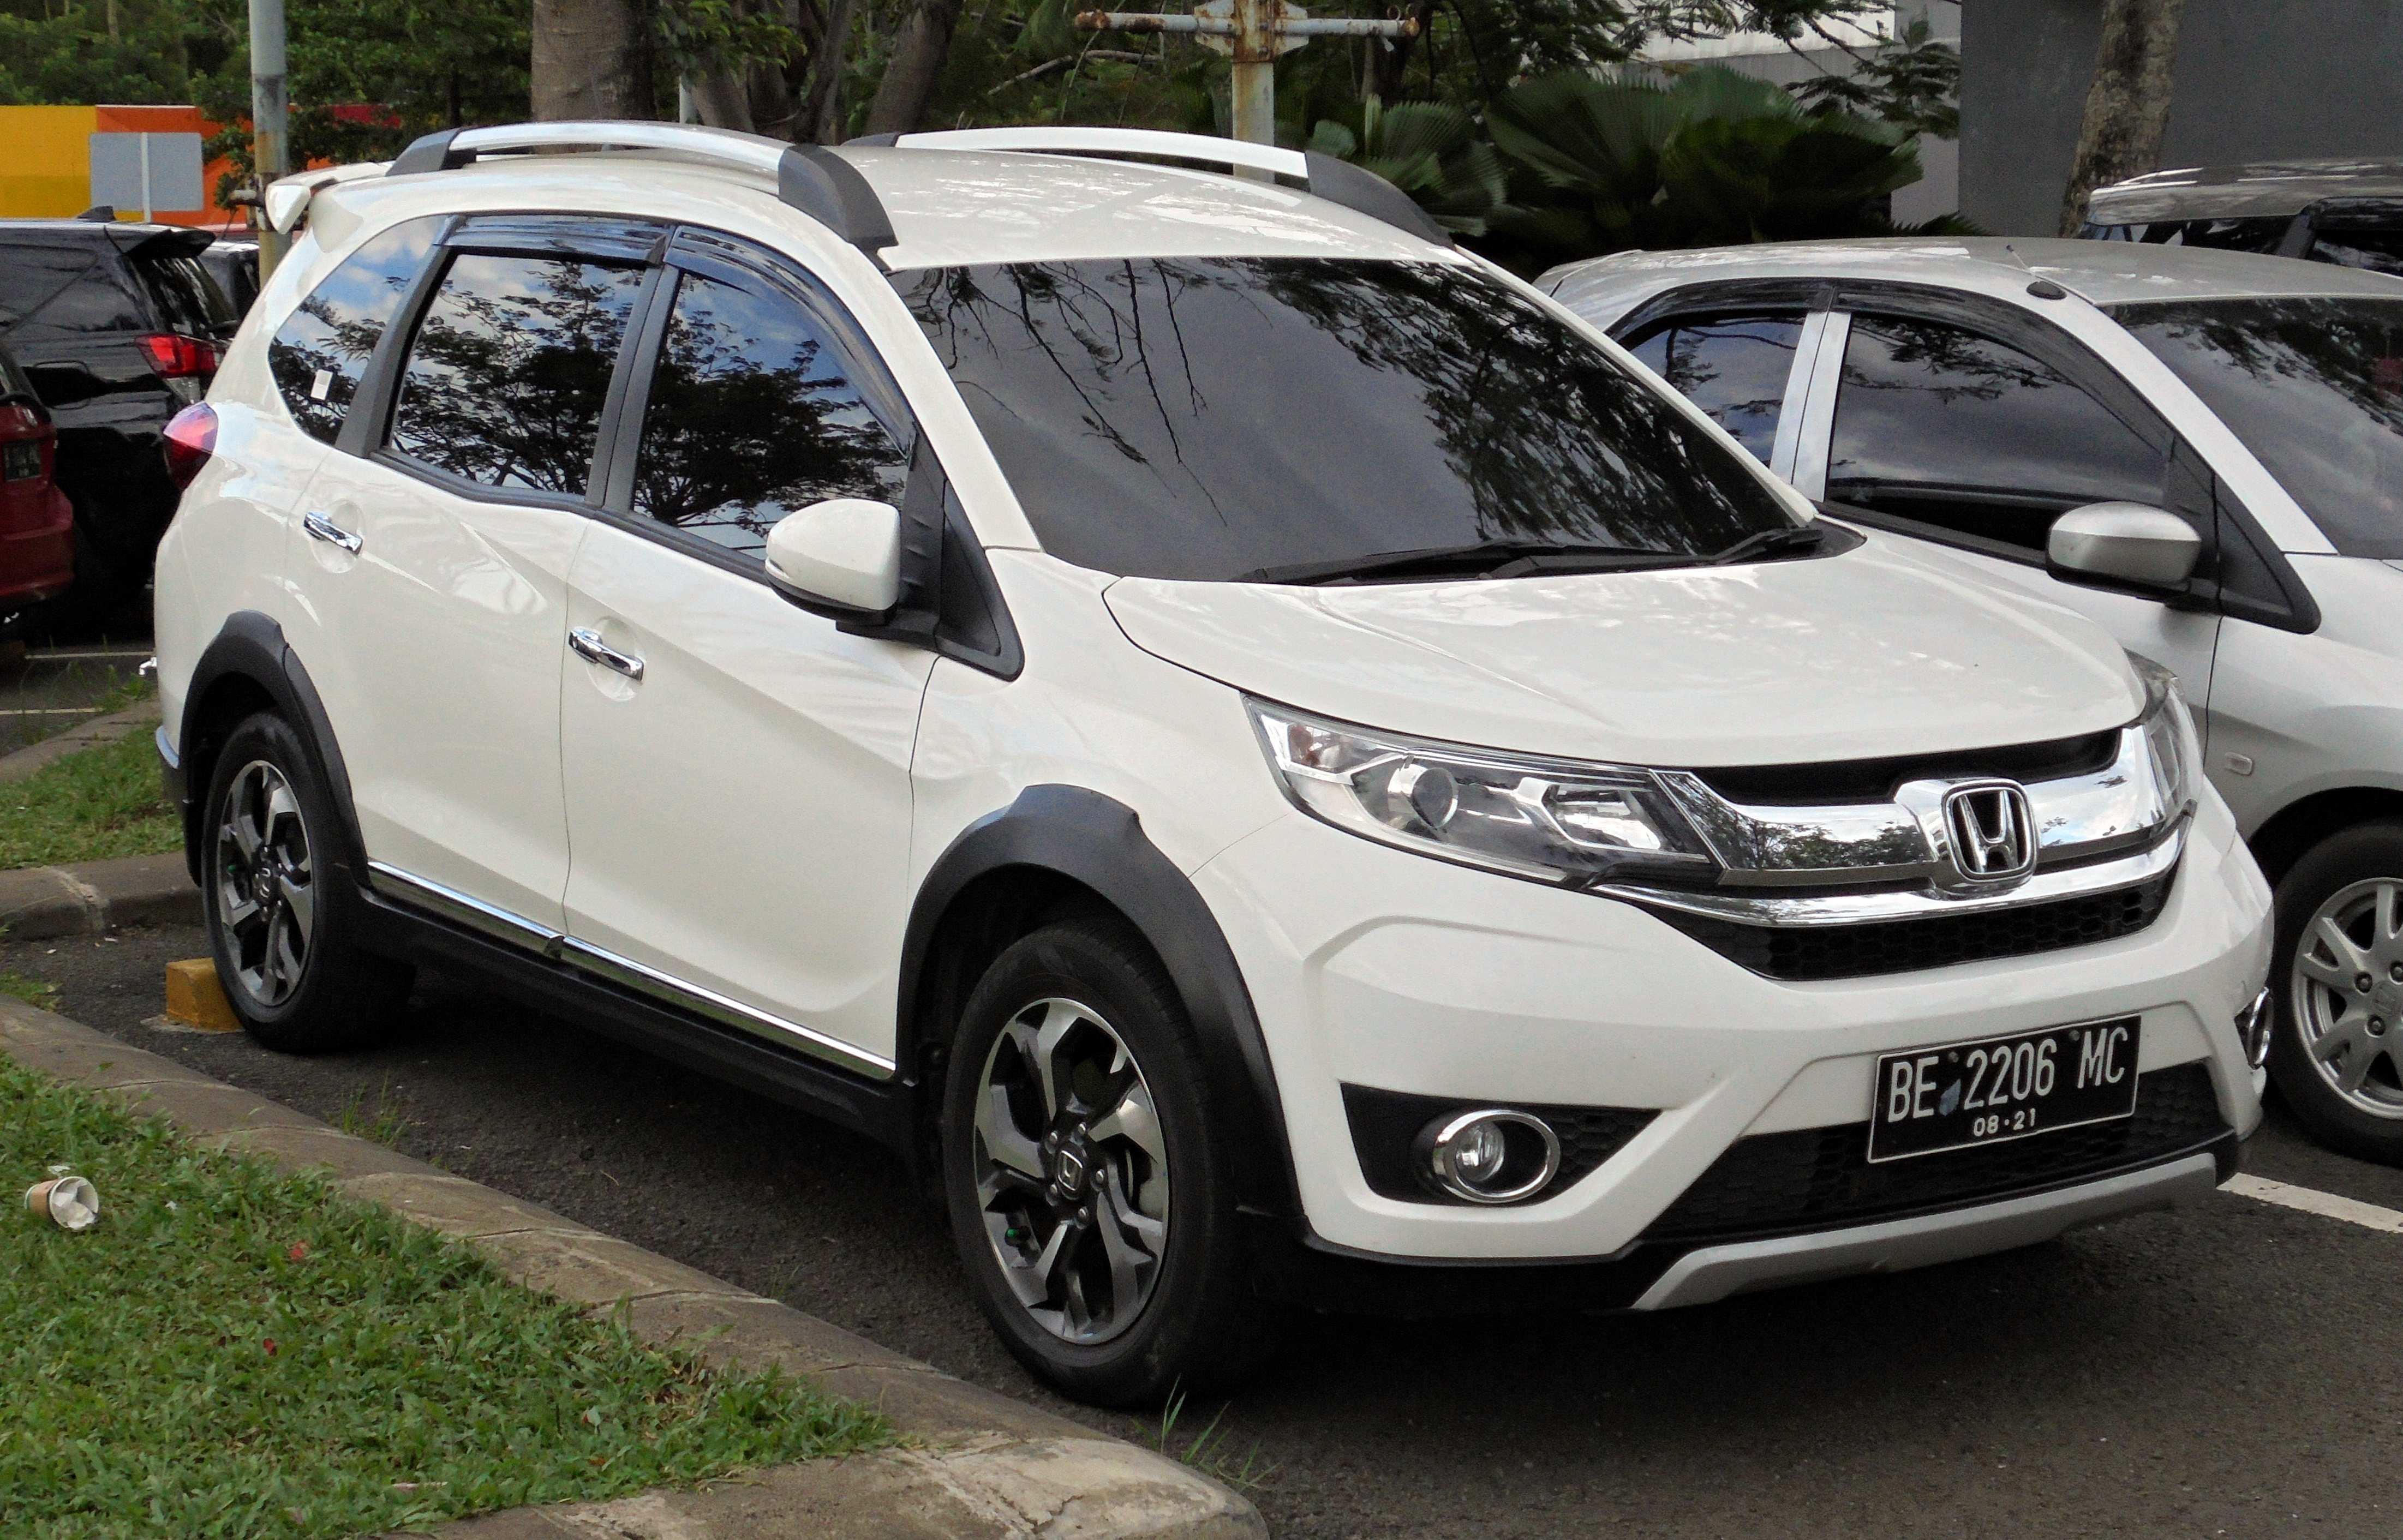 85 All New Best Honda Kombi 2019 First Drive Photos with Best Honda Kombi 2019 First Drive